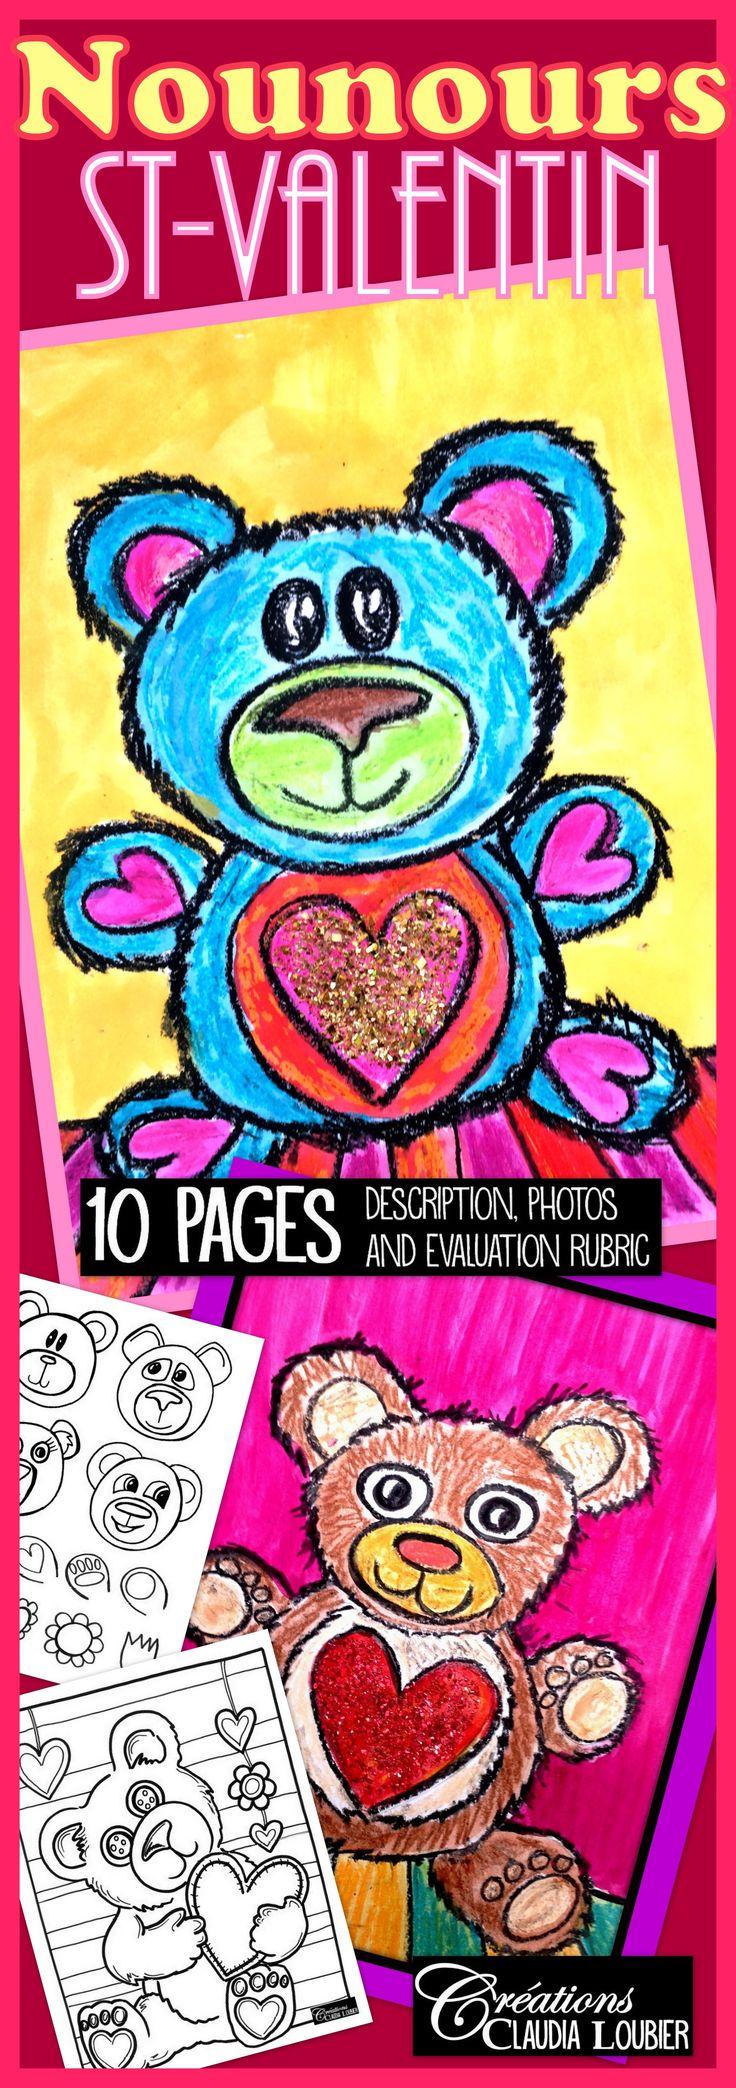 Voici un projet pour la St-Valentin. Maternelle et plus. Nous travaillerons les formes arrondies. Vous aurez besoin de crayons de cire et de gouache en pain. Très simple, mais efficace. Vous pouvez aussi utiliser ce projet pour créer une carte. Démarche, photos et grille d'évaluation incluses. Un dessin à colorier pour les plus rapide à la fin du document. Des exemples de visages, de pattes et de motifs sont aussi inclus. Bonne St-Valentin ! :)